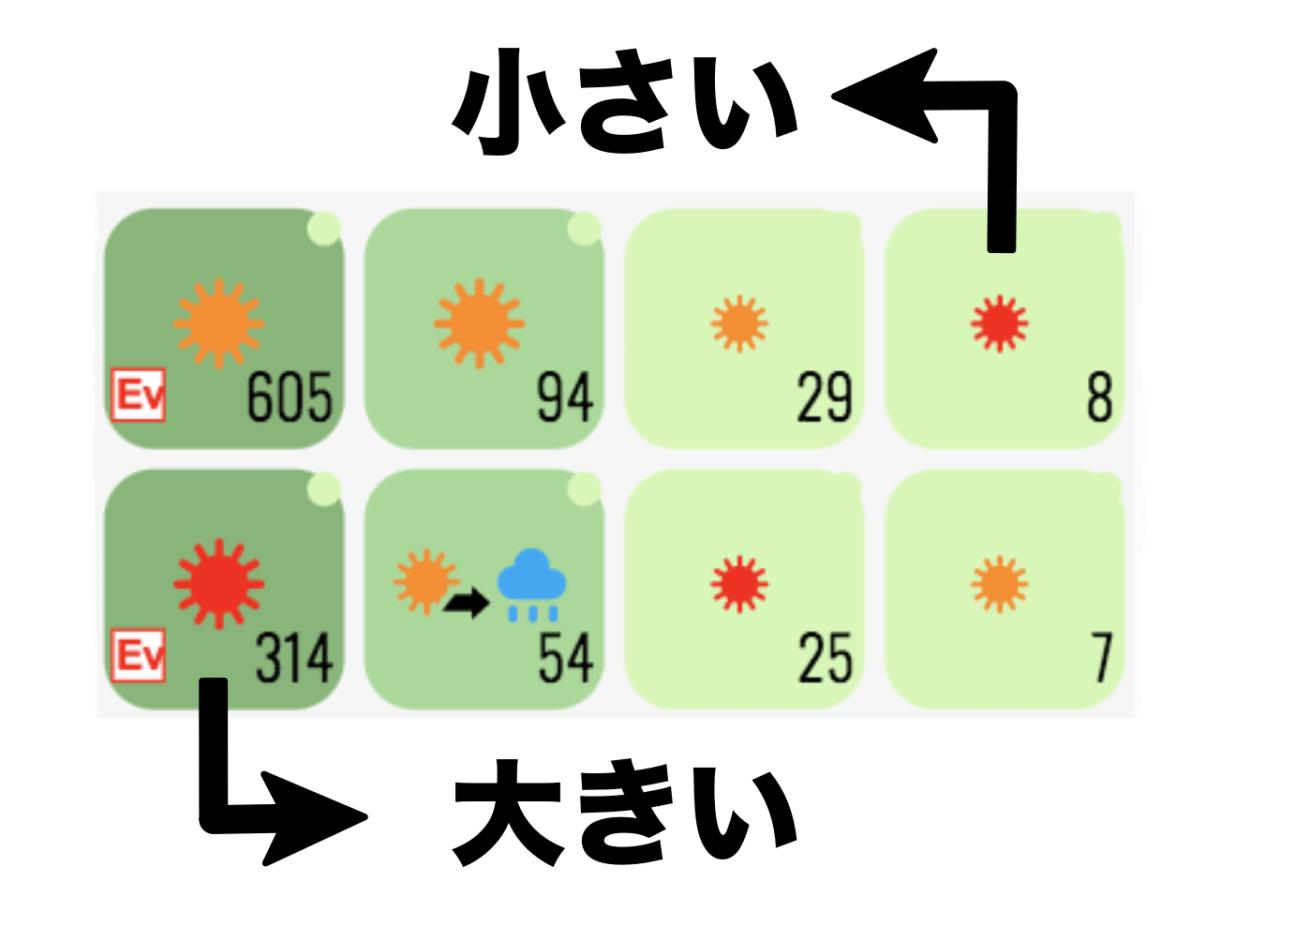 天気マークの大小がわかる図